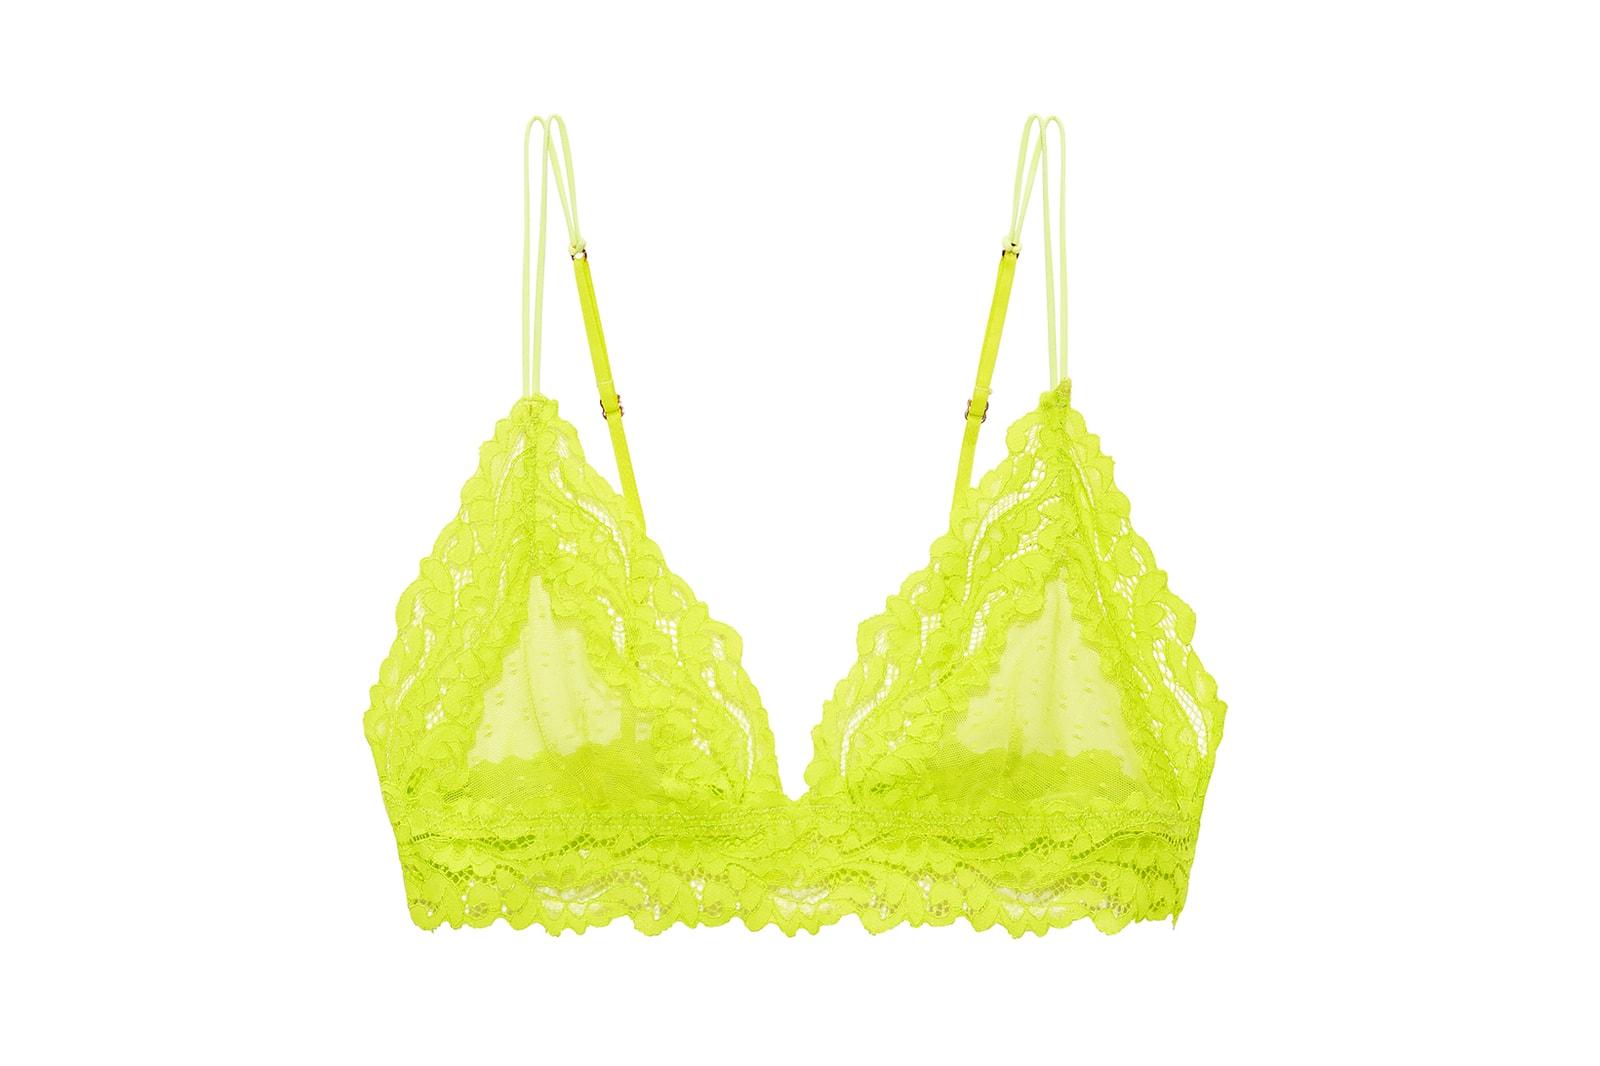 Rihanna Savage X Fenty Spring/Summer 2020 May Collection Bra Underwear